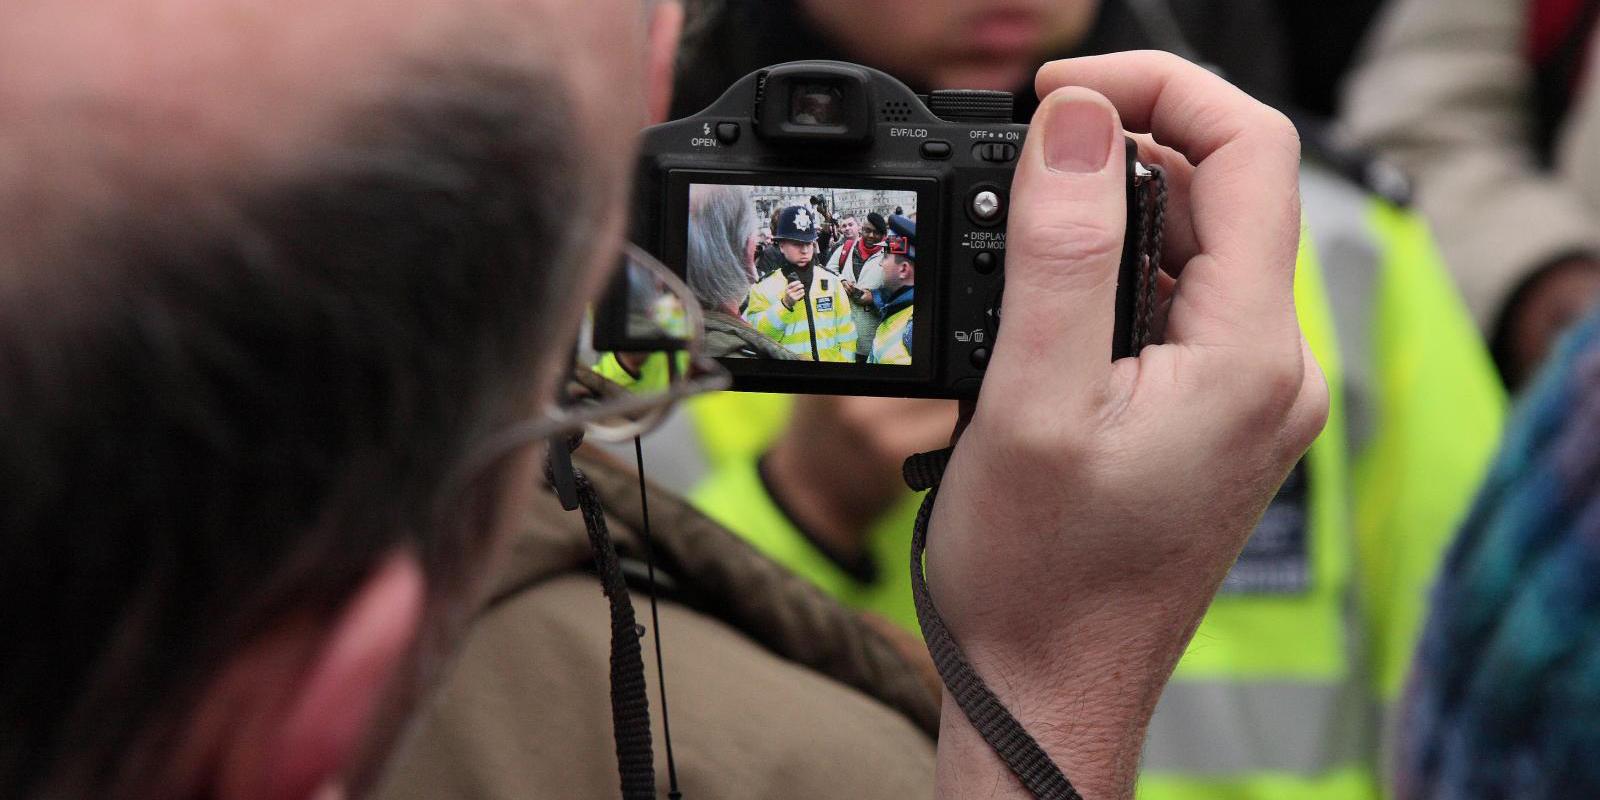 чарующий синий можно ли фотографировать человека при исполнении позволяет приобрести